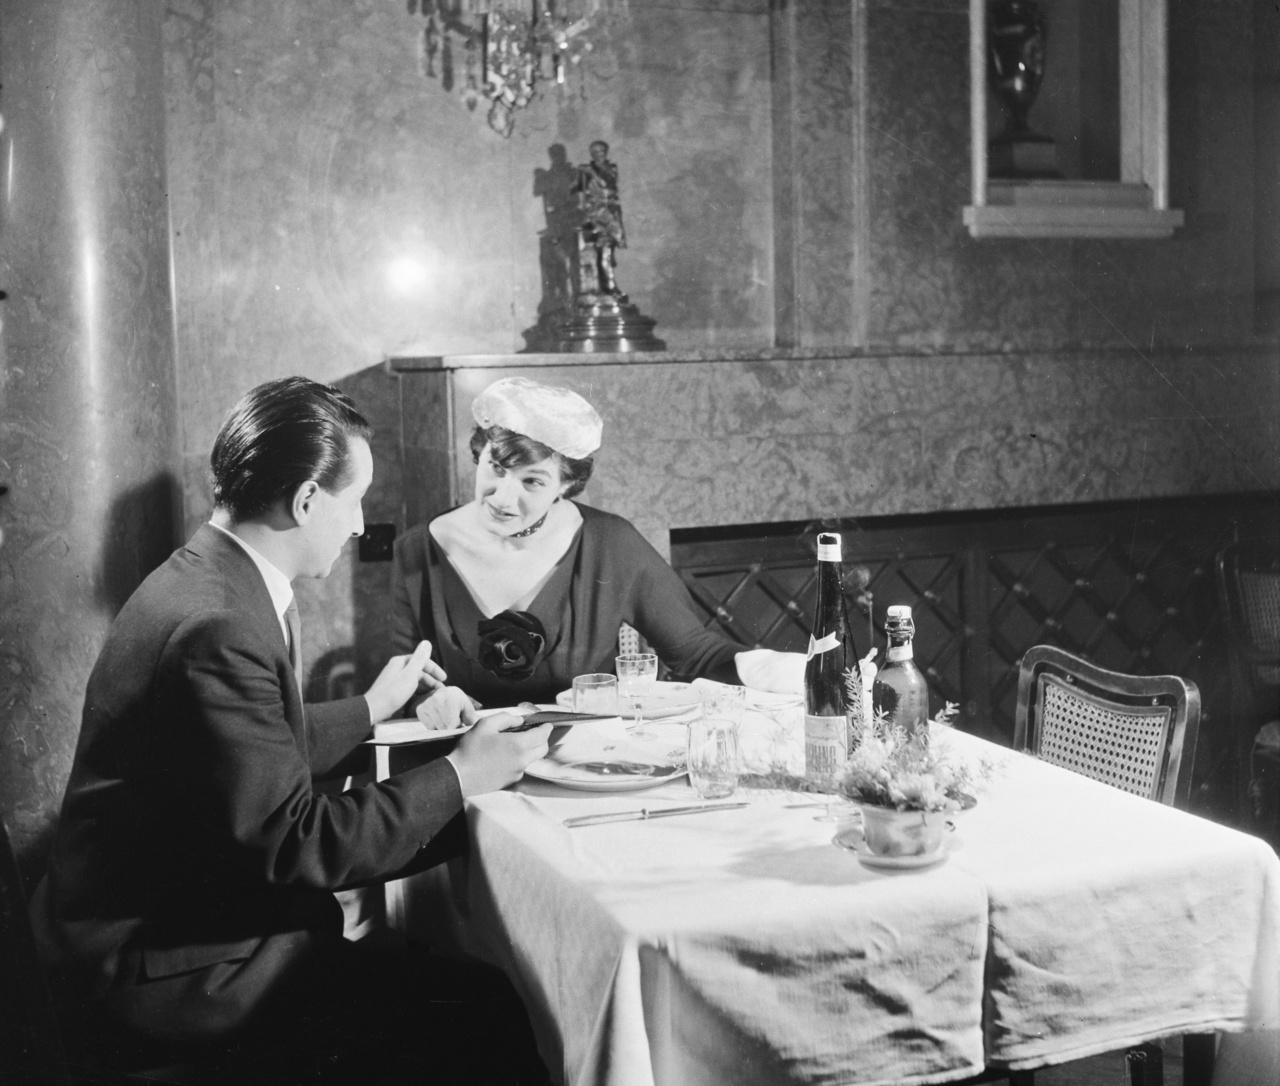 """1948. június 5-én volt a titokzatos esküvő. Szabó Magda tanúja Bóka László, Szobotkáé Devecseri Gábor volt.                              Gizike nem tudott semmiről, de Ágnes részletes beszámolót kapott. A nap átlagosan indult: """"Bejöttem hivatalba szabályosan nyolcra, tizenegykor hazamentem átöltözni, visszajöttem, dolgoztam tizenkettőig. Akkor kijött Bóka és azt mondta, hogy induljunk a jugoszláv fogadásra. Kollégáim fel se néztek."""" A ruha különleges volt: """"Ágnes, csodálatos volt!!!! Sötétkék ballonvászon kiskosztüm, fehér masnival, majdnem bokáig ér, teljesen sveifolt, seszlis, óriási fehér virágklipsz, piros nylontáska, piros szandál, magas, piros antilopkesztyű."""" A renitens tanukkal lefolyt esküvő a Gundelben ért véget: """"Csodálatos asztal, Ágnes, csodálatos ezüstökkel, porcelánokkal, kerek, nagy virágpompa és amit akarsz, persze, csodálatos ebéd is."""""""